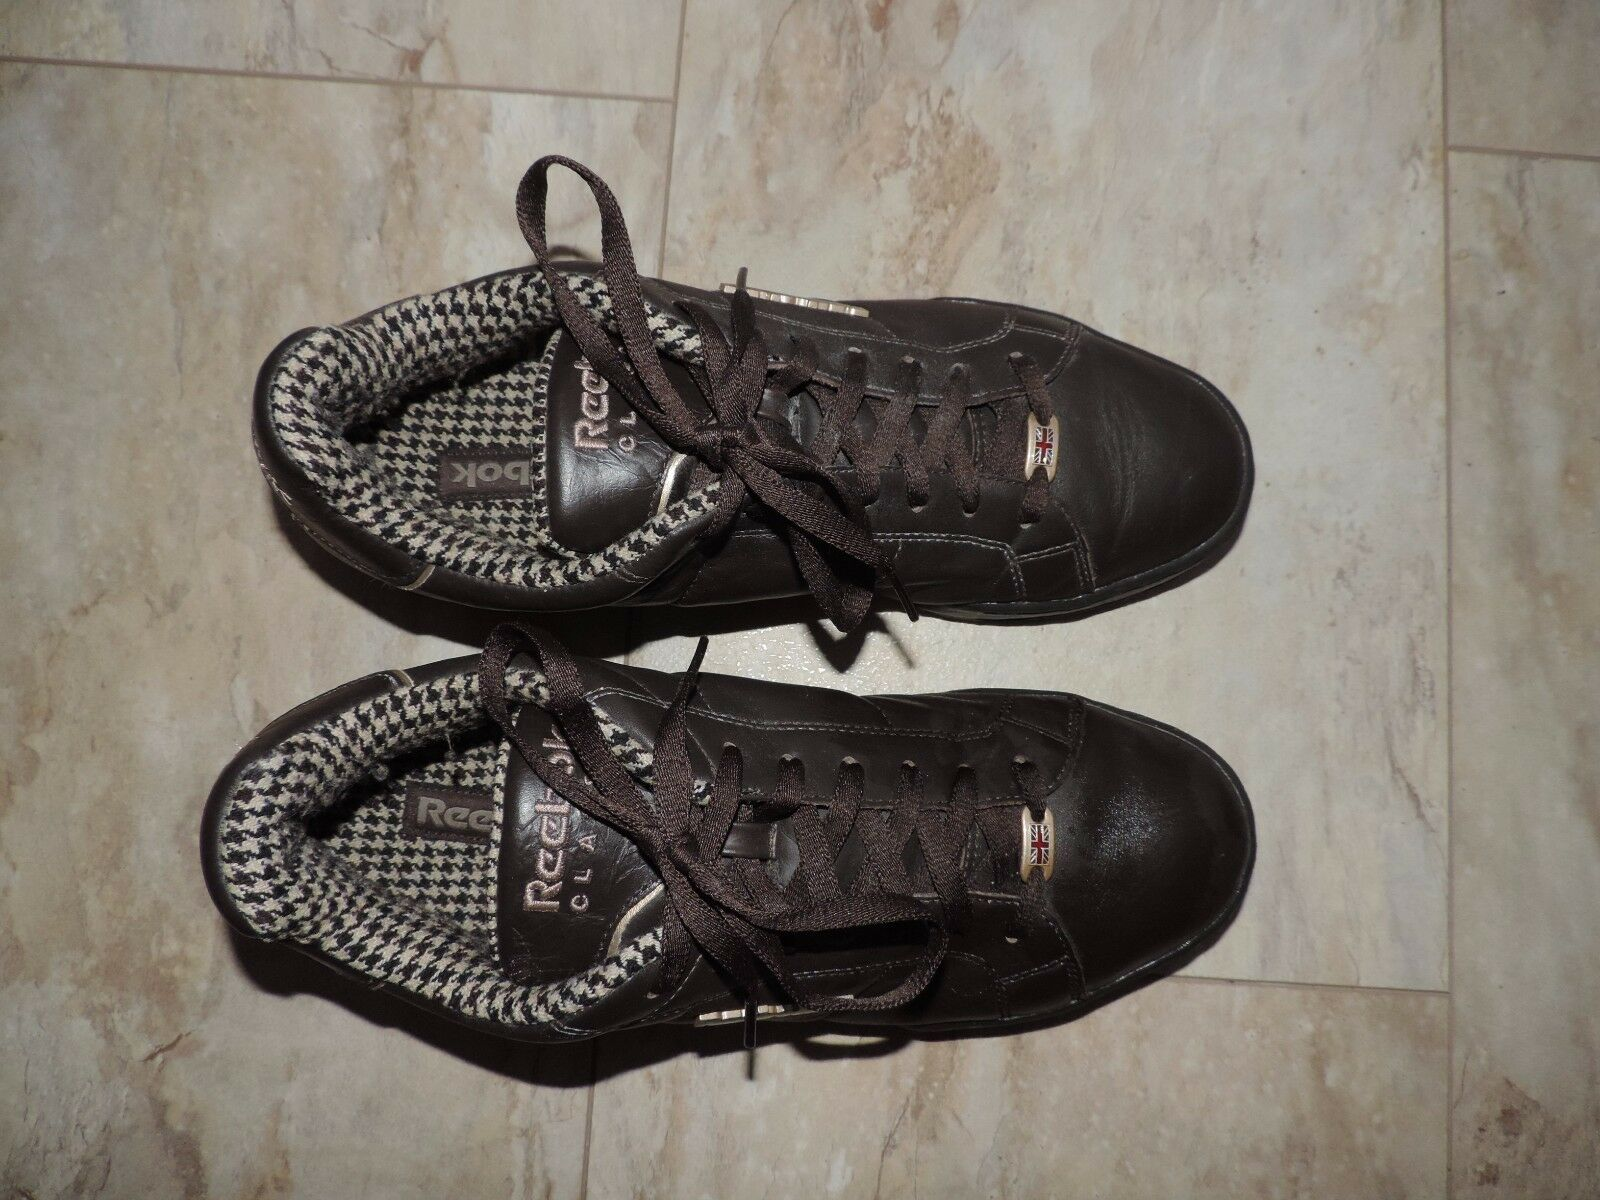 Reebok Classik Herren Schuhe Sneaker Sportschuhe, Gr.10 Eur. 44,5